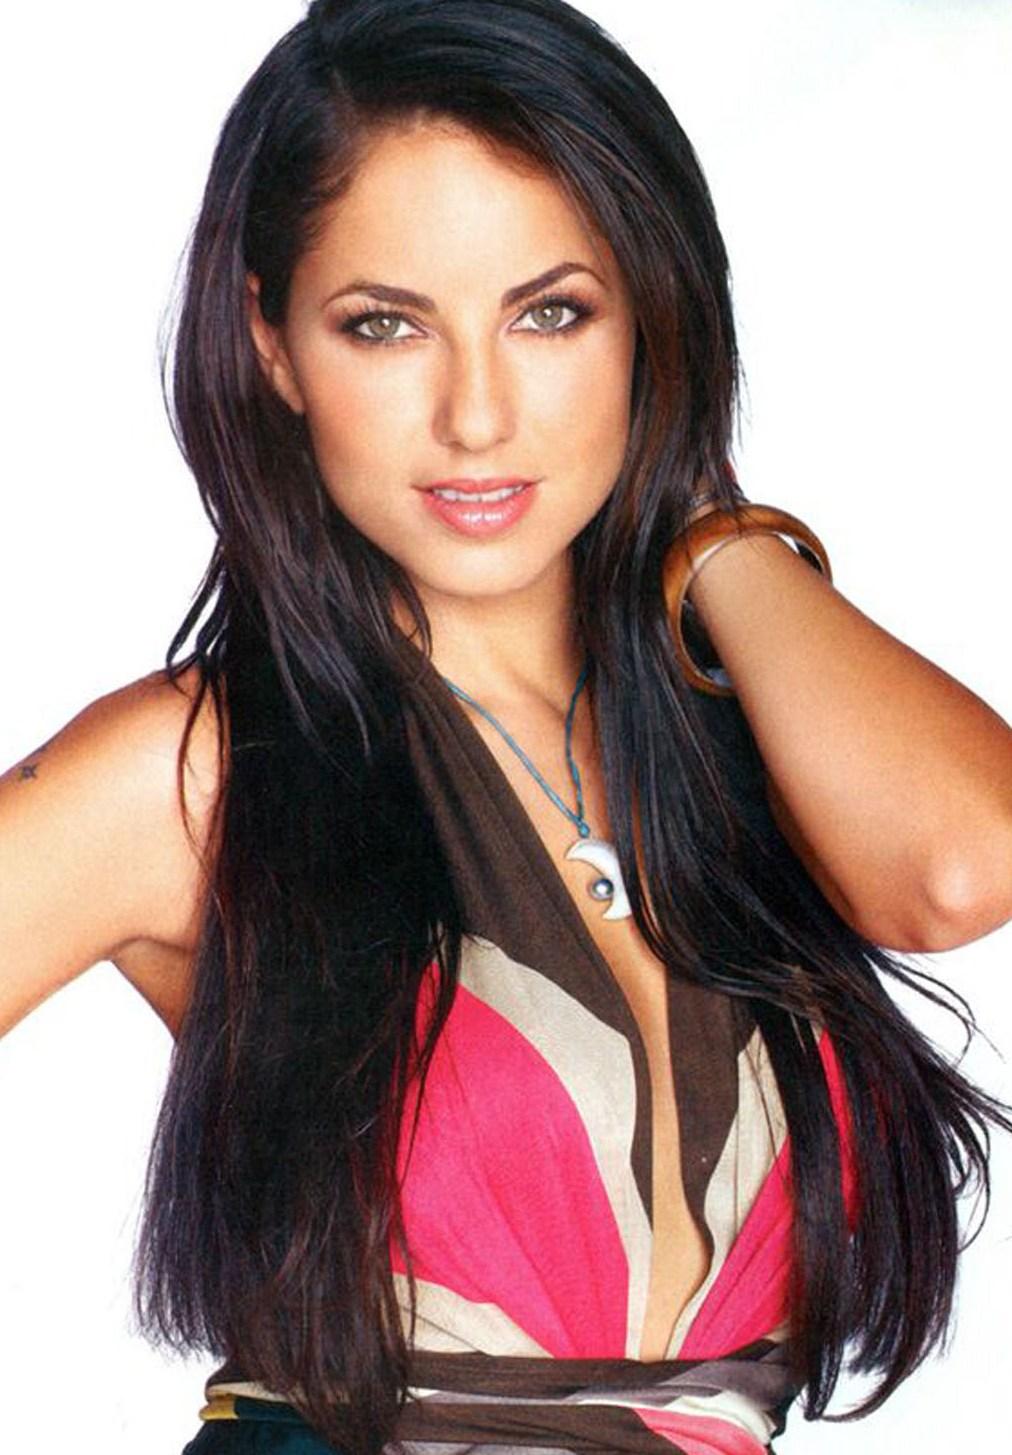 The 25 Hottest Women in Telemundo Telenovelas - Love Telenovela